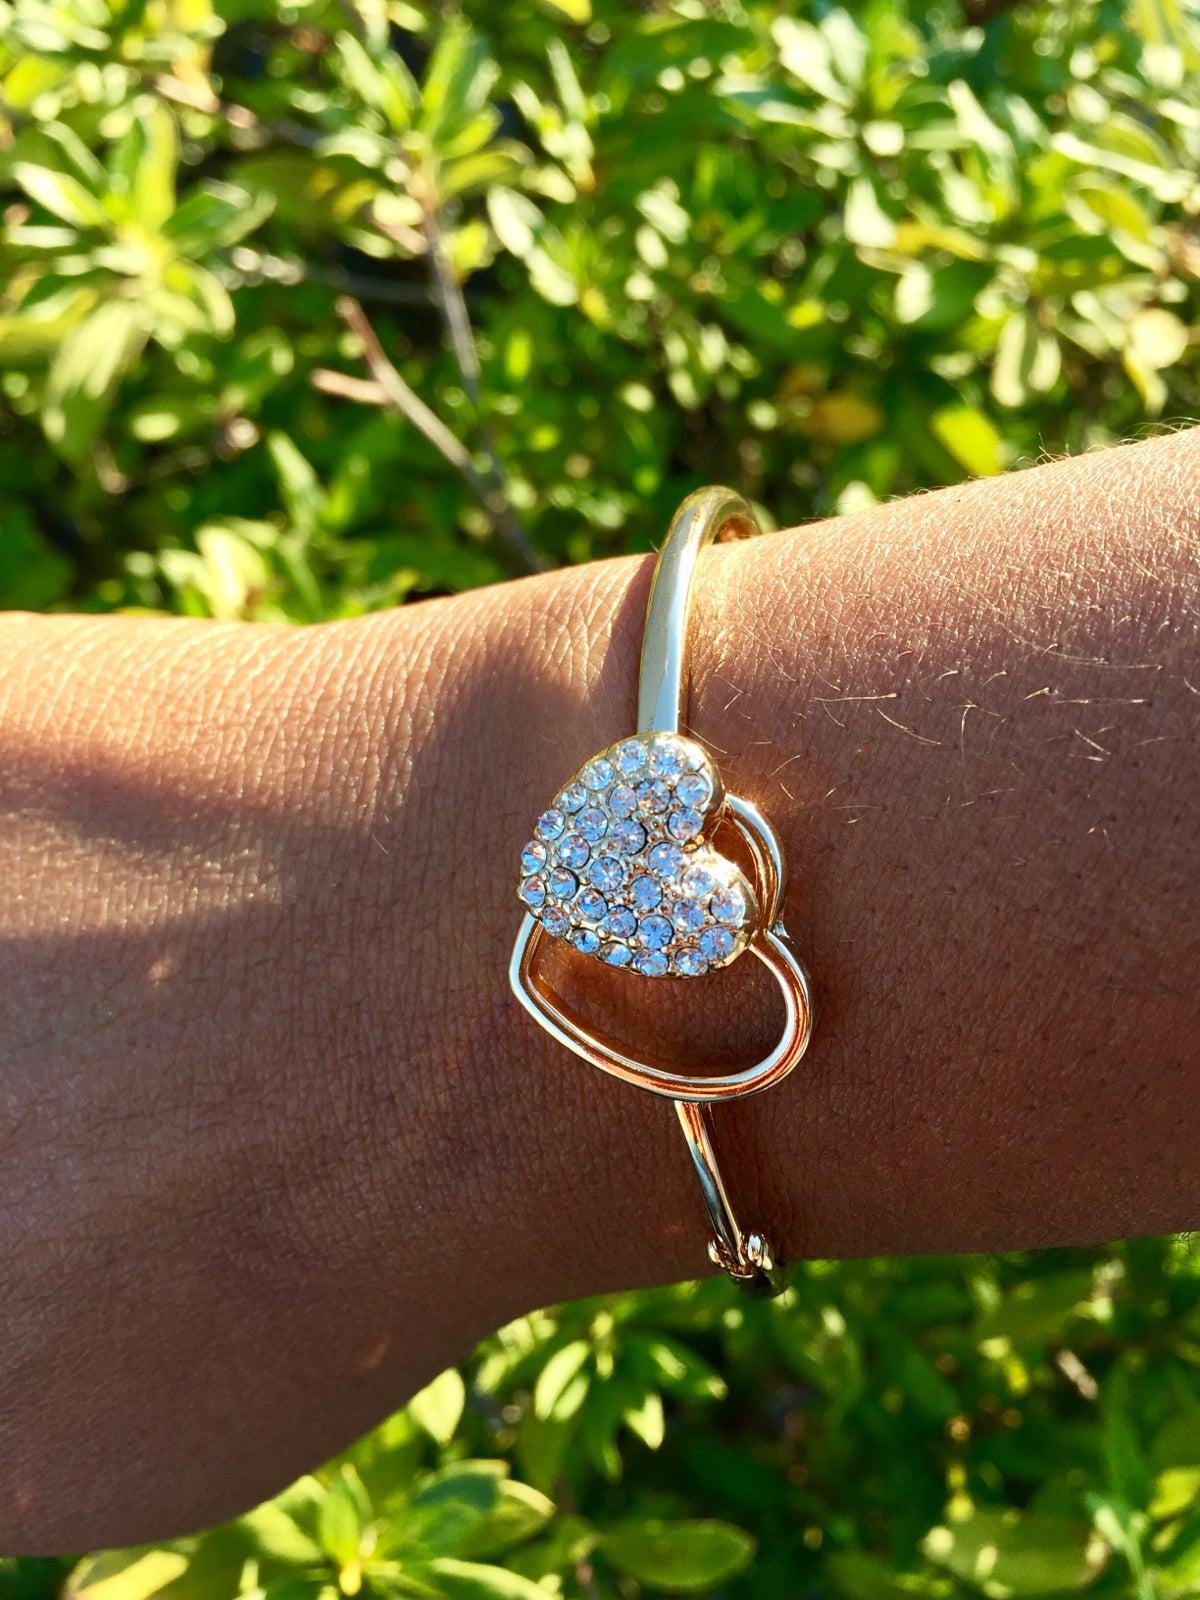 Image of Hinged Heart Bangle Bracelet